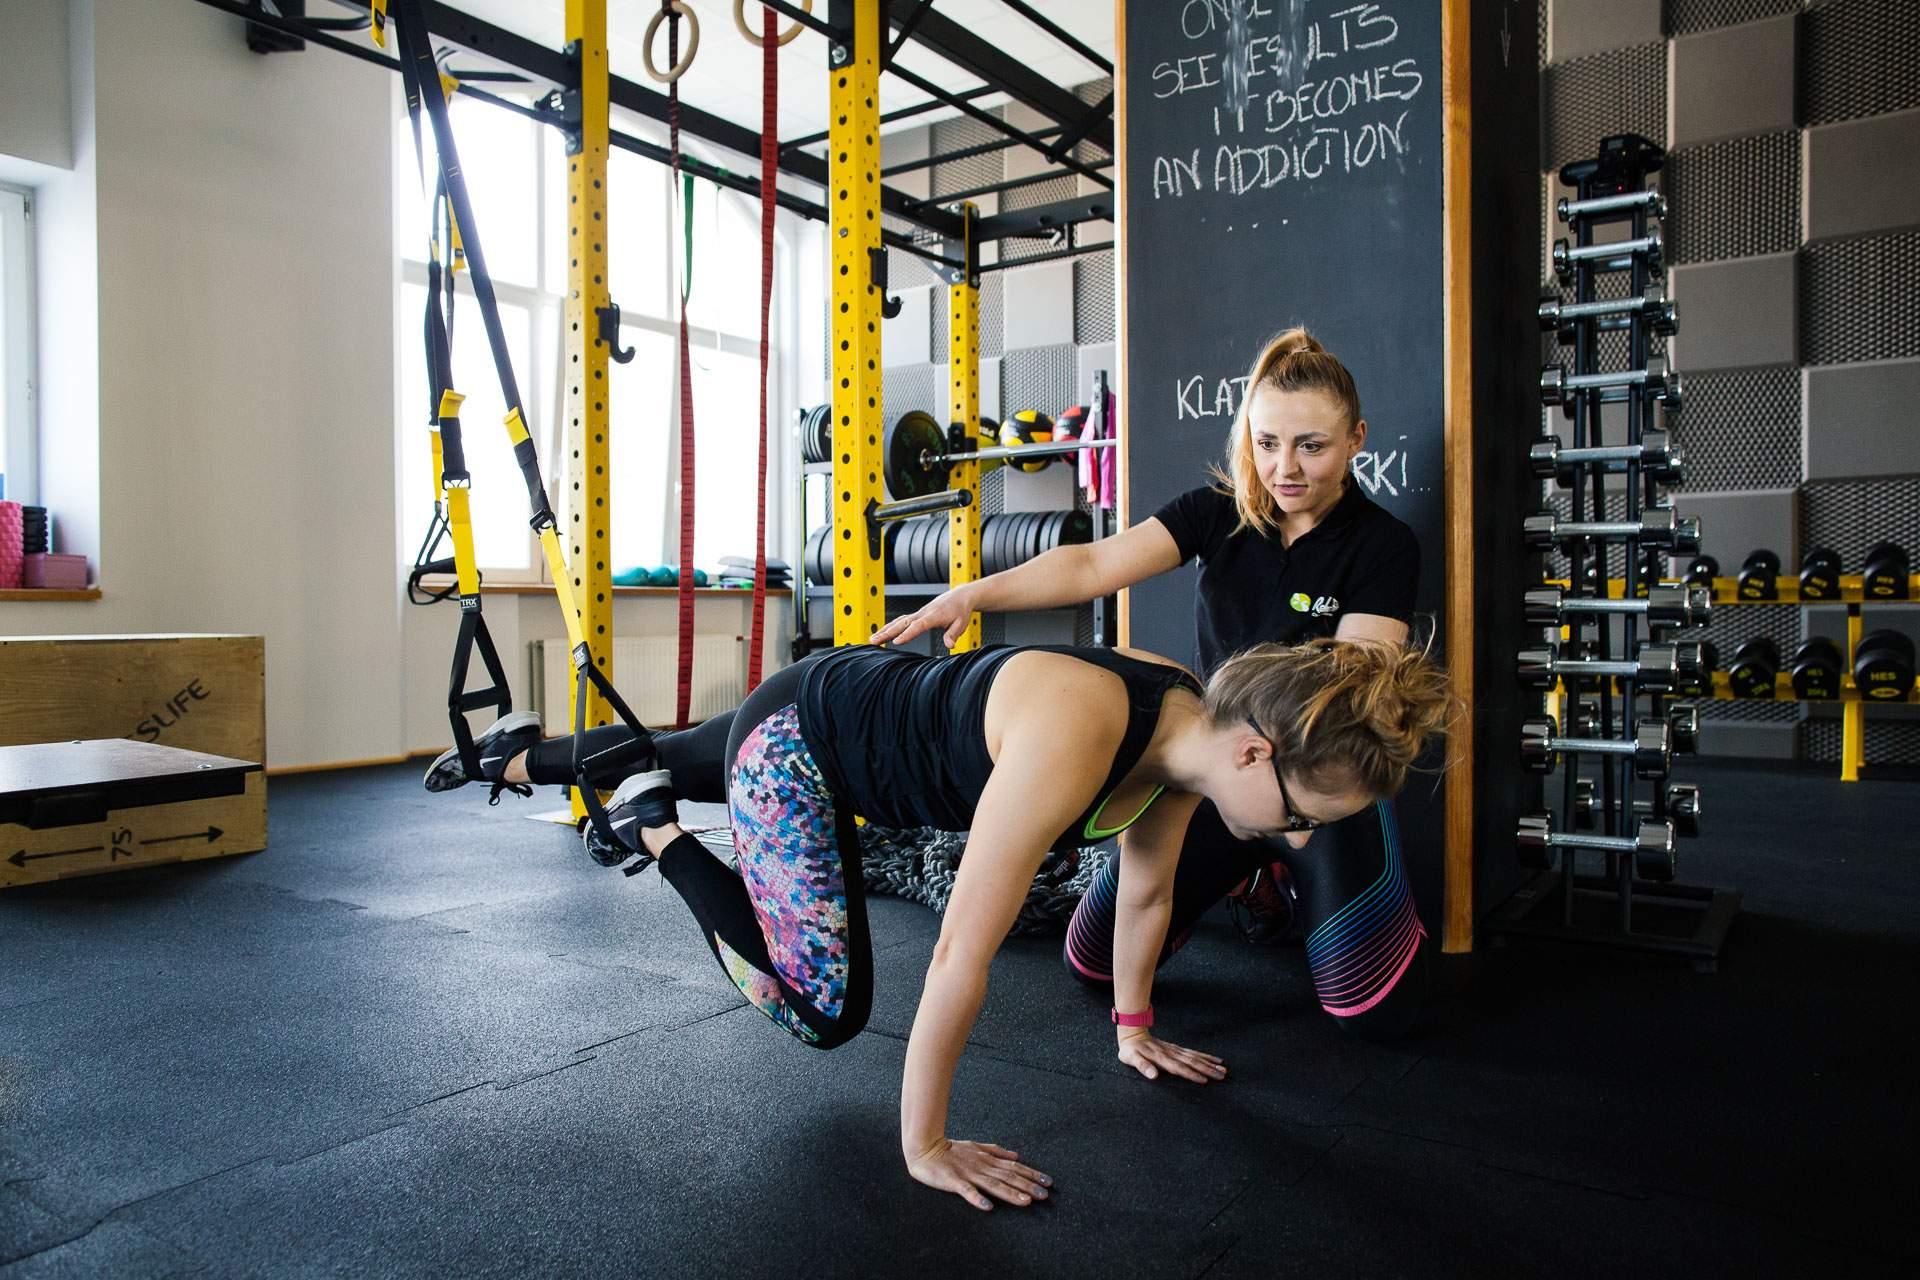 Trenerka personalna podczas instruktażu klientki w ćwiczeniach mięśni brzucha na TRX.